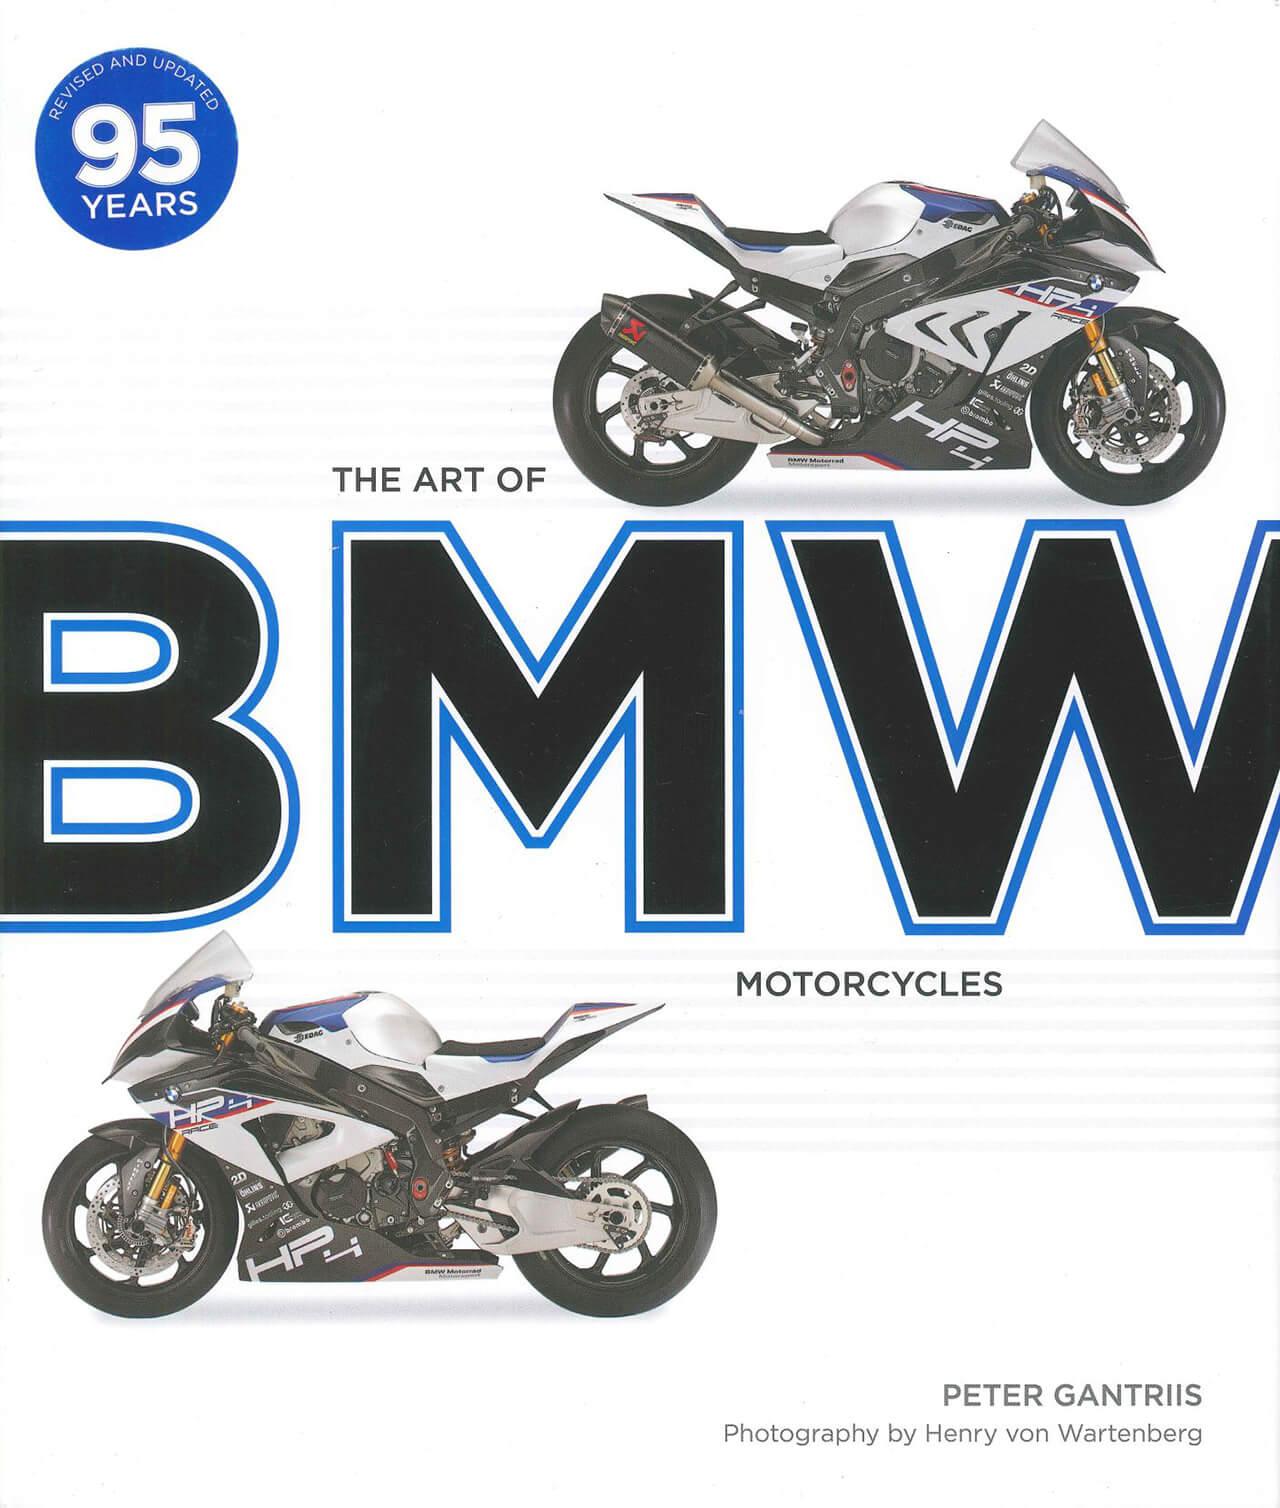 思わず溜息が出てしまうBMW愛好者必読の一冊、BMW社創立95周年を祝し刊行された珠玉の写真集【新書紹介】